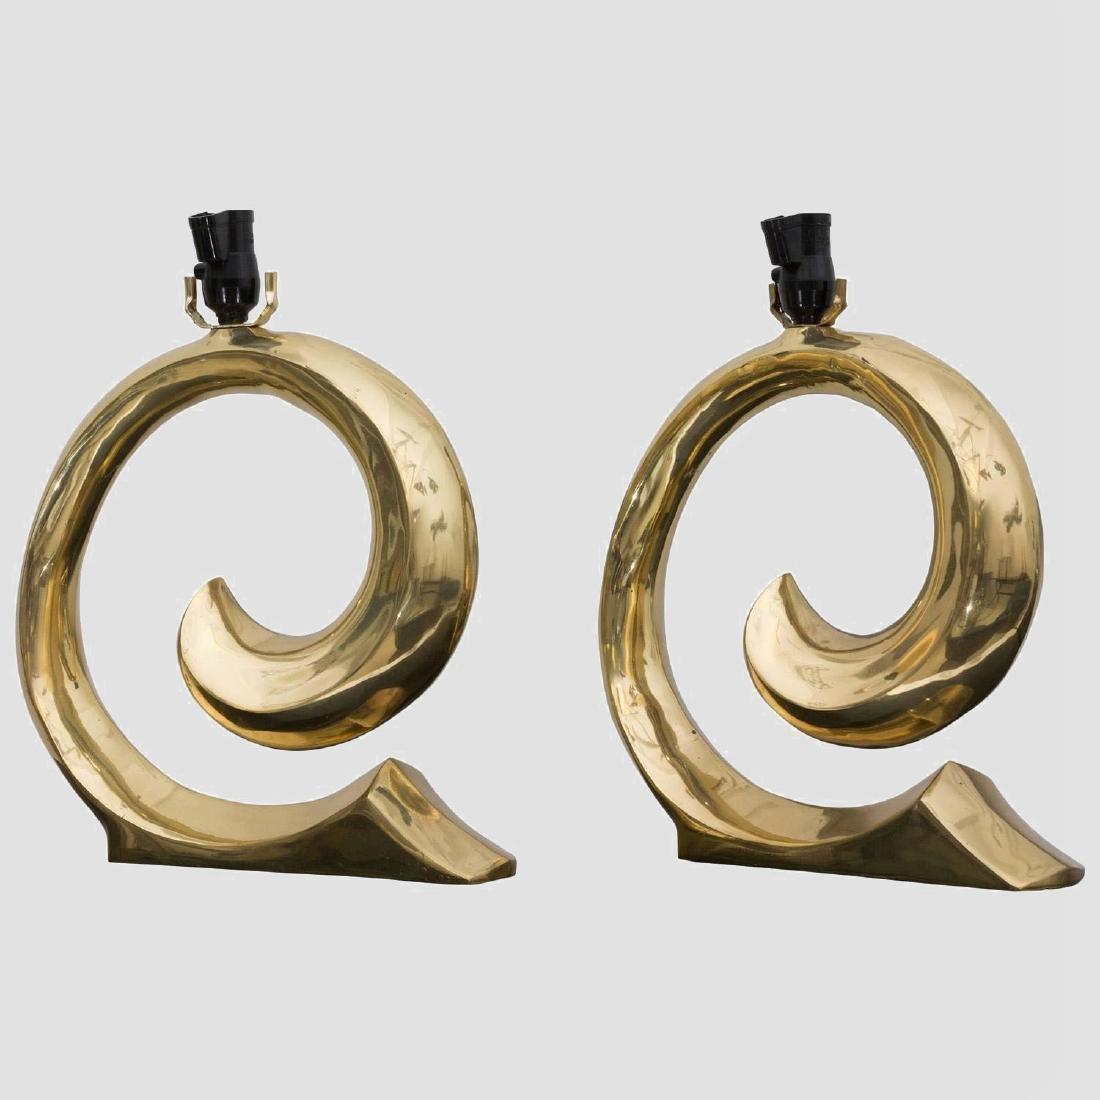 Pierre Cardin Table Lamps